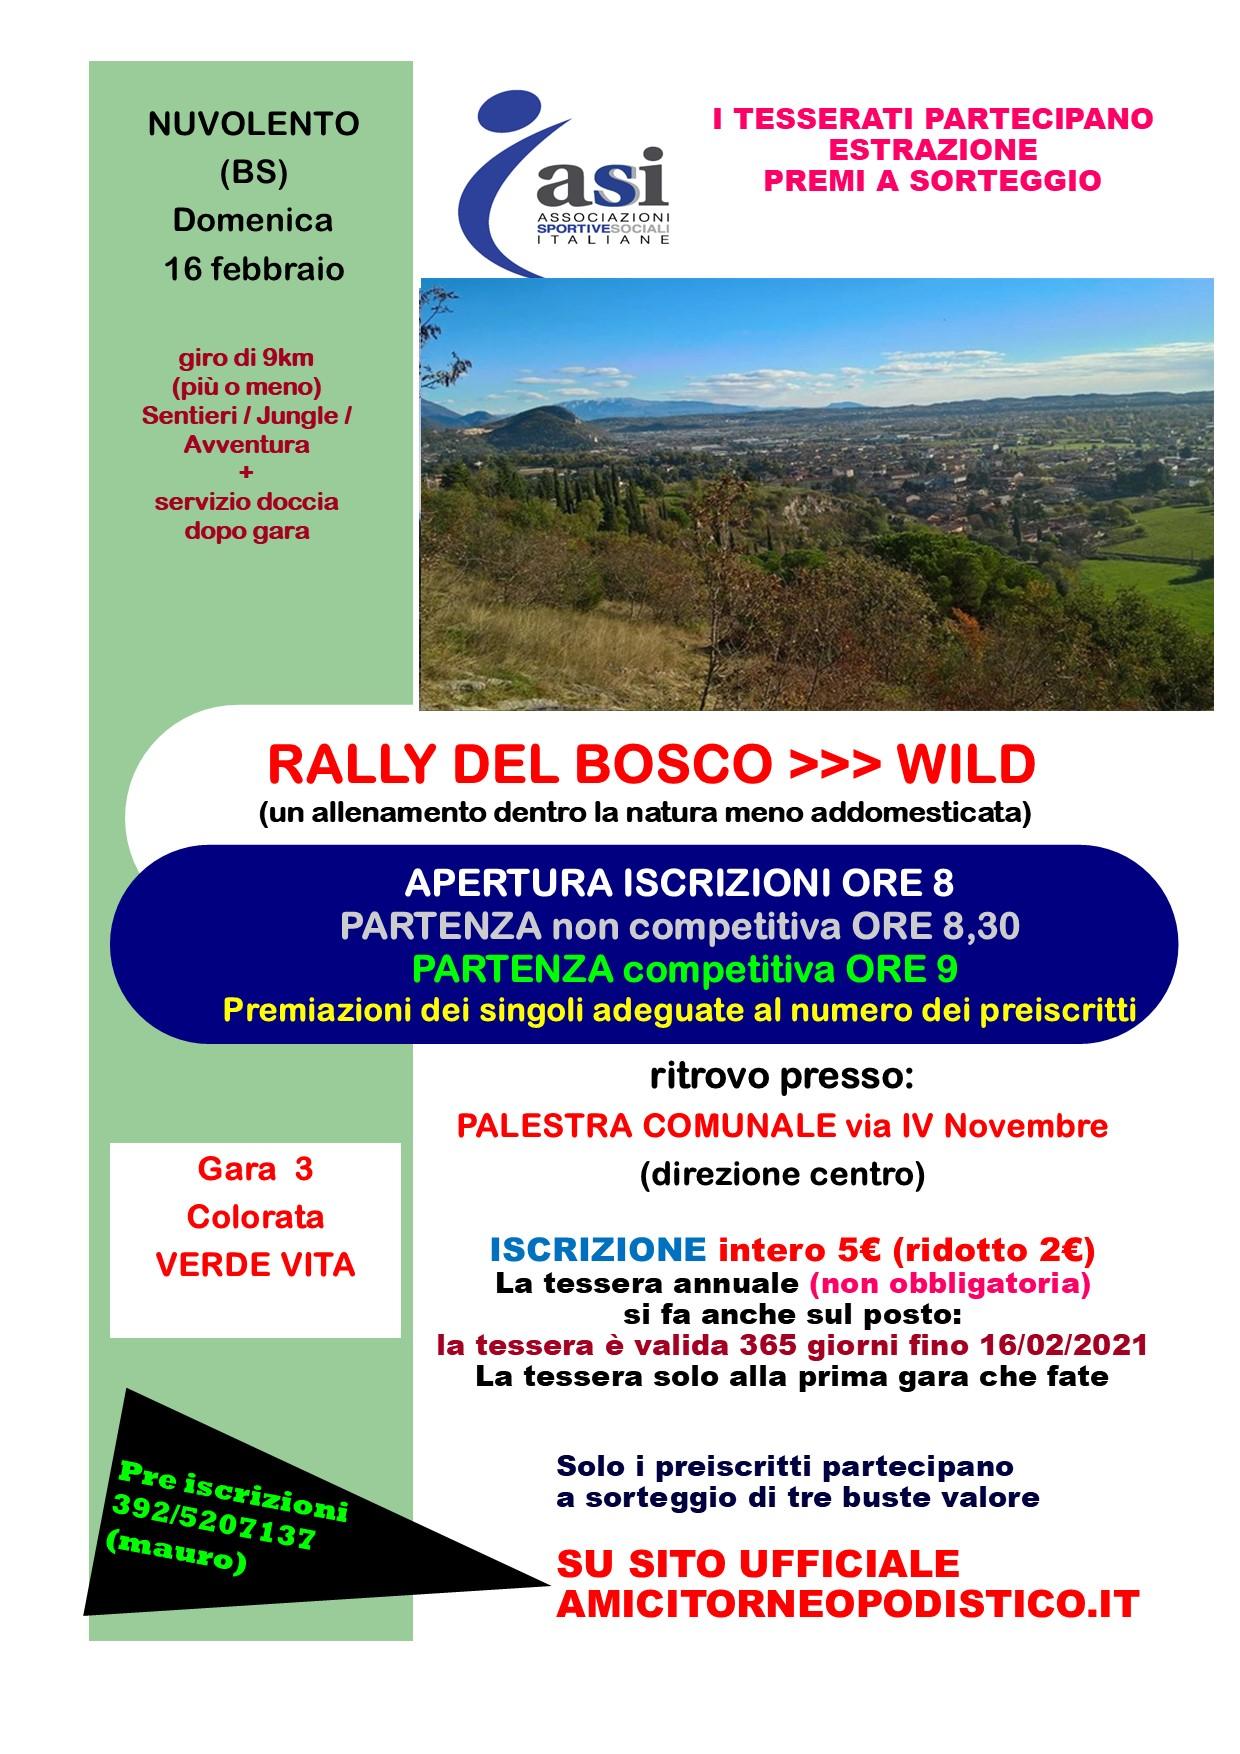 volantino 2020 gara 3 rally del bosco